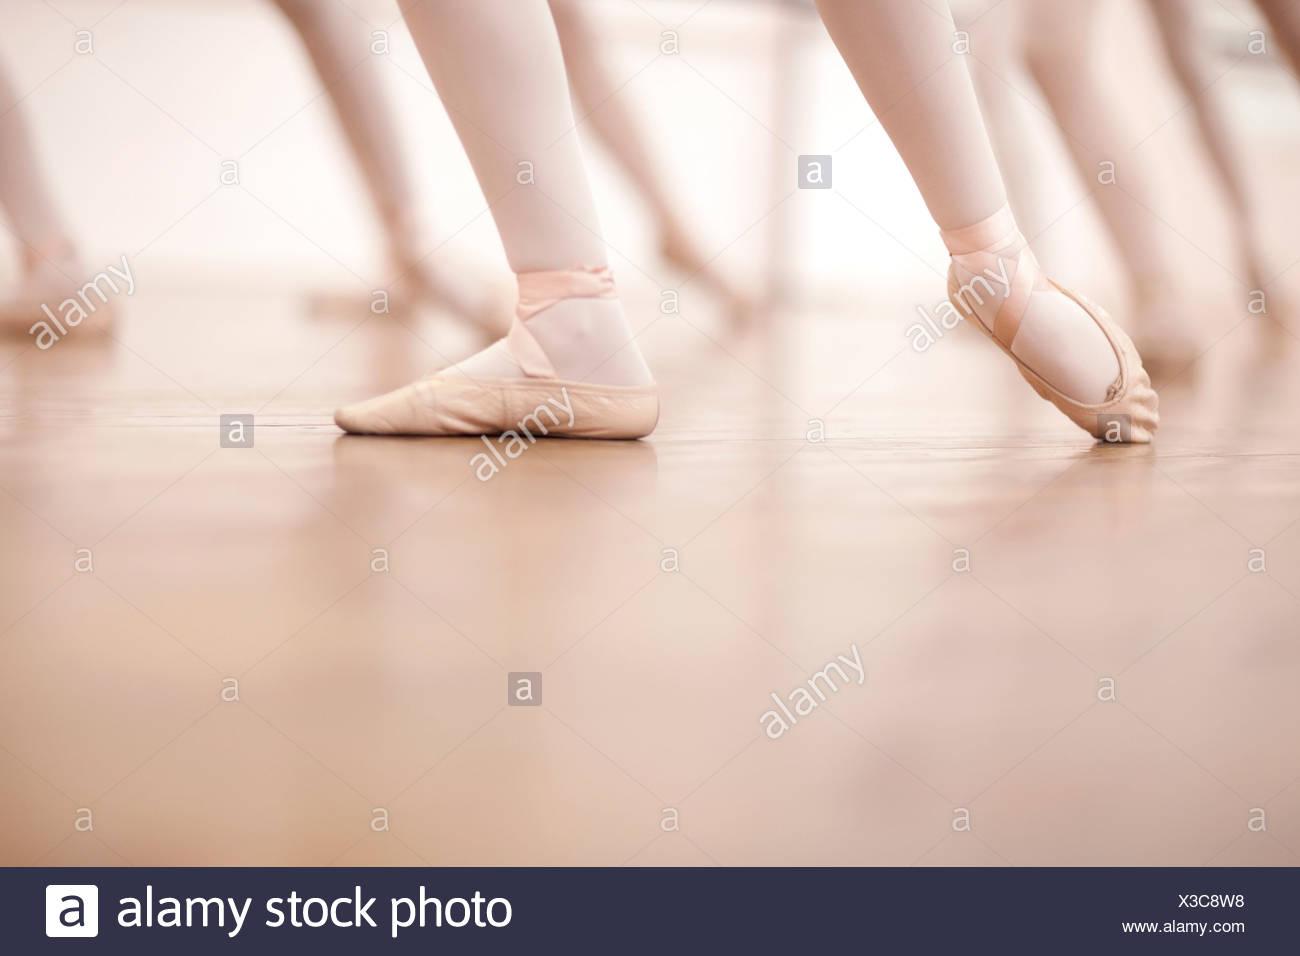 Détail de ballerines de danse dans les jambes Photo Stock